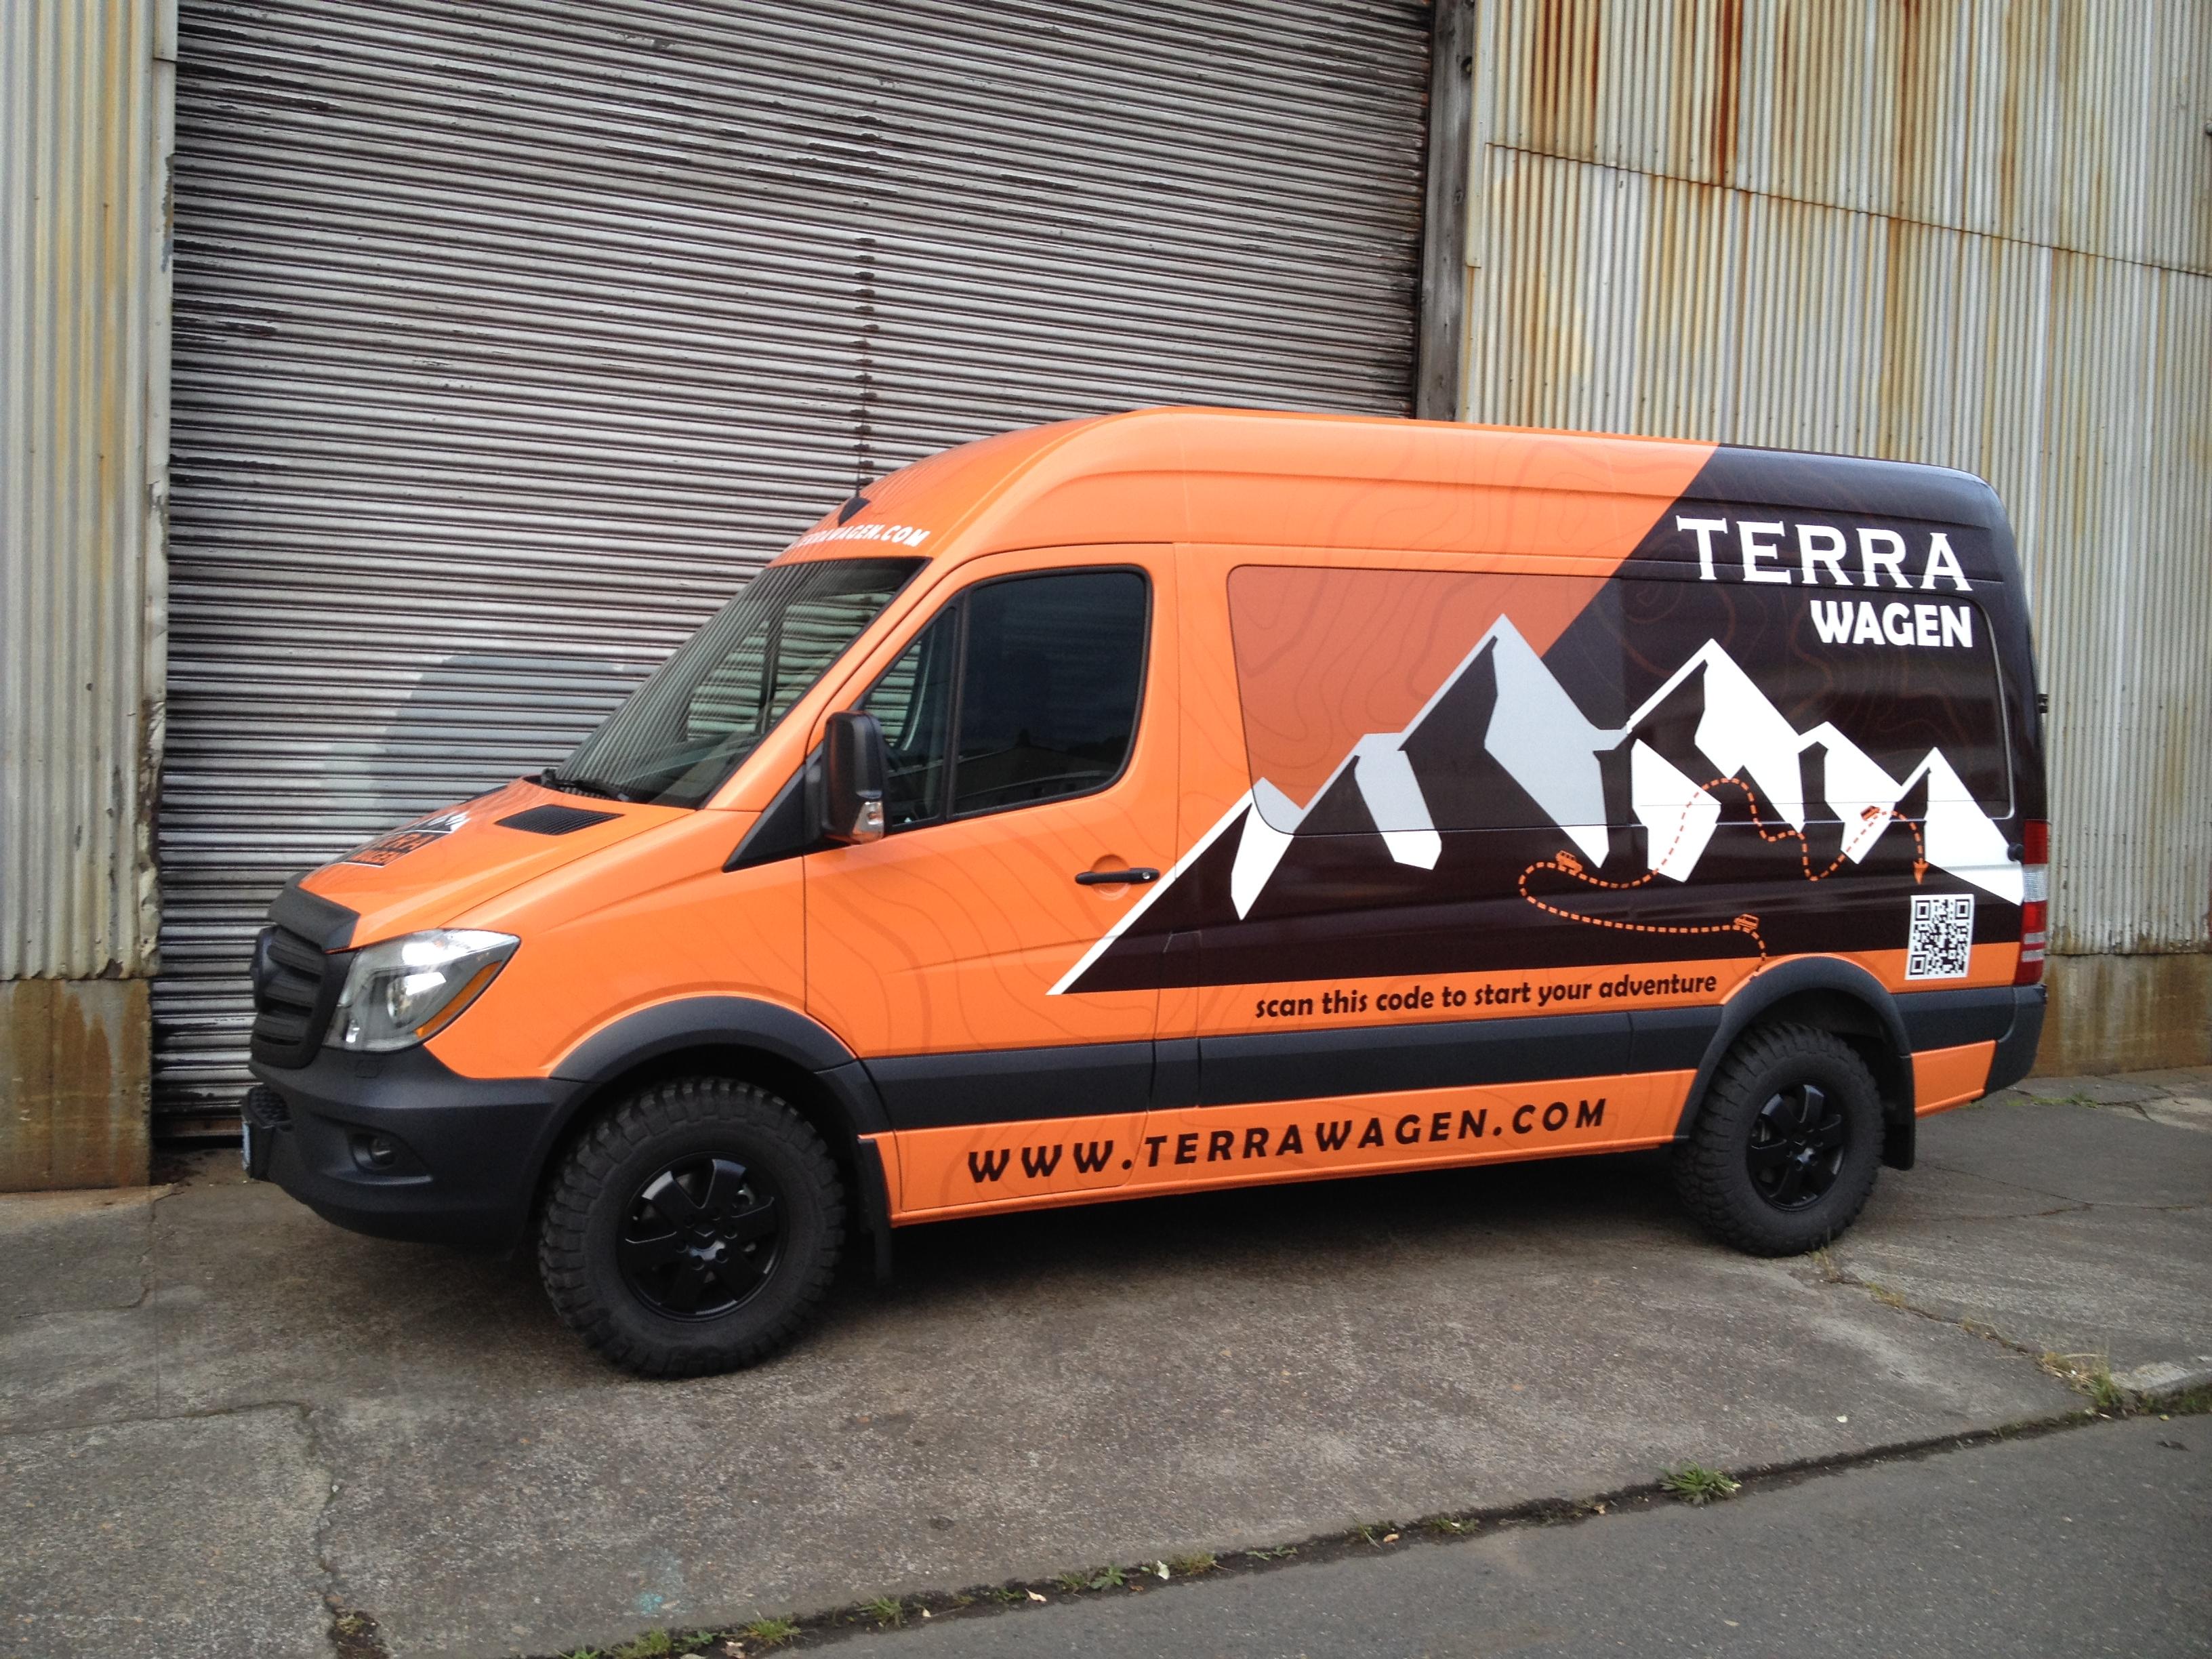 Terrawagen Sprinter flares